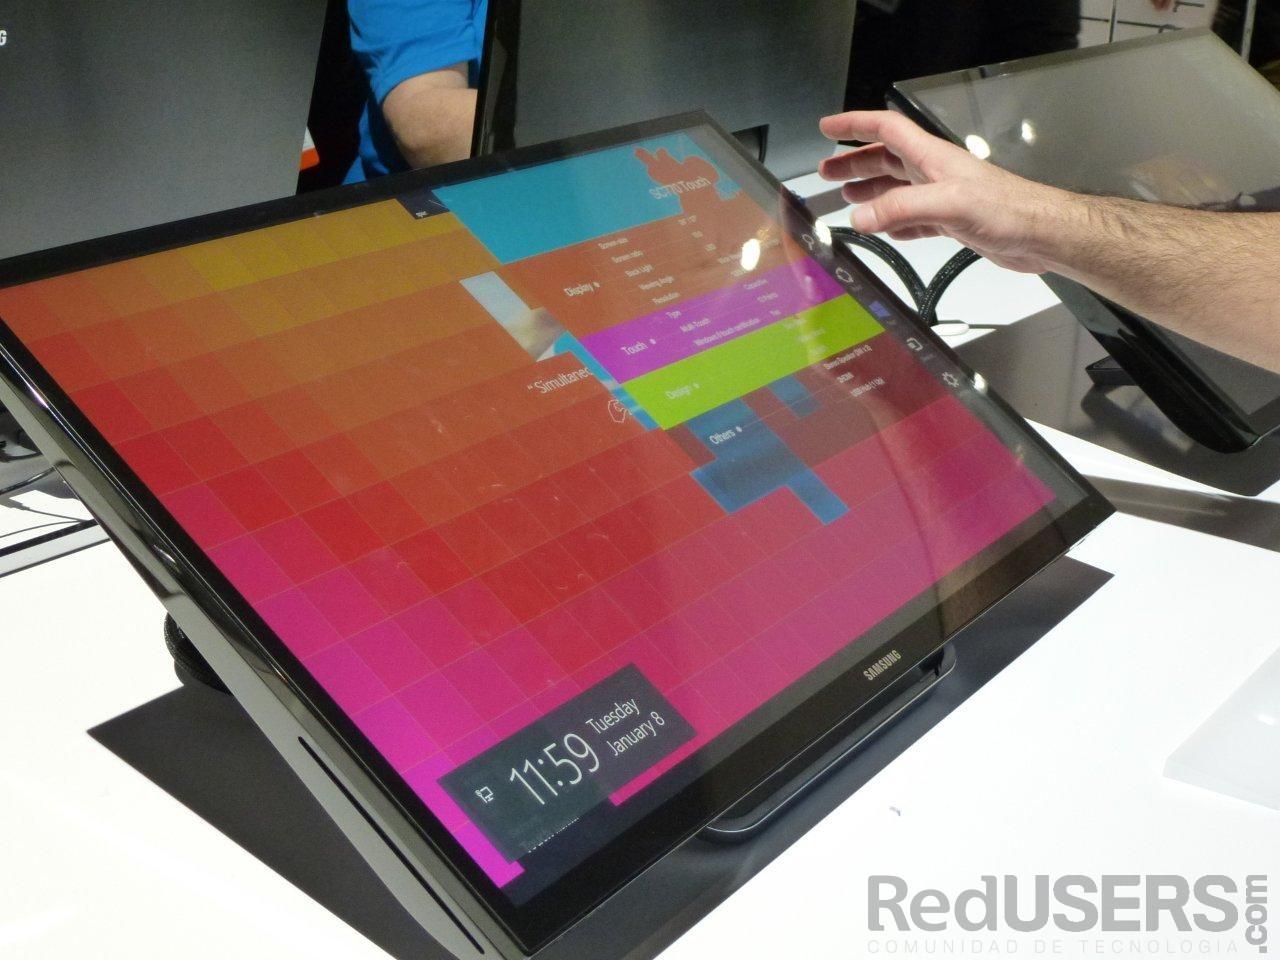 Las pantallas táctiles ganan terreno y suman funcionalidad y estilo